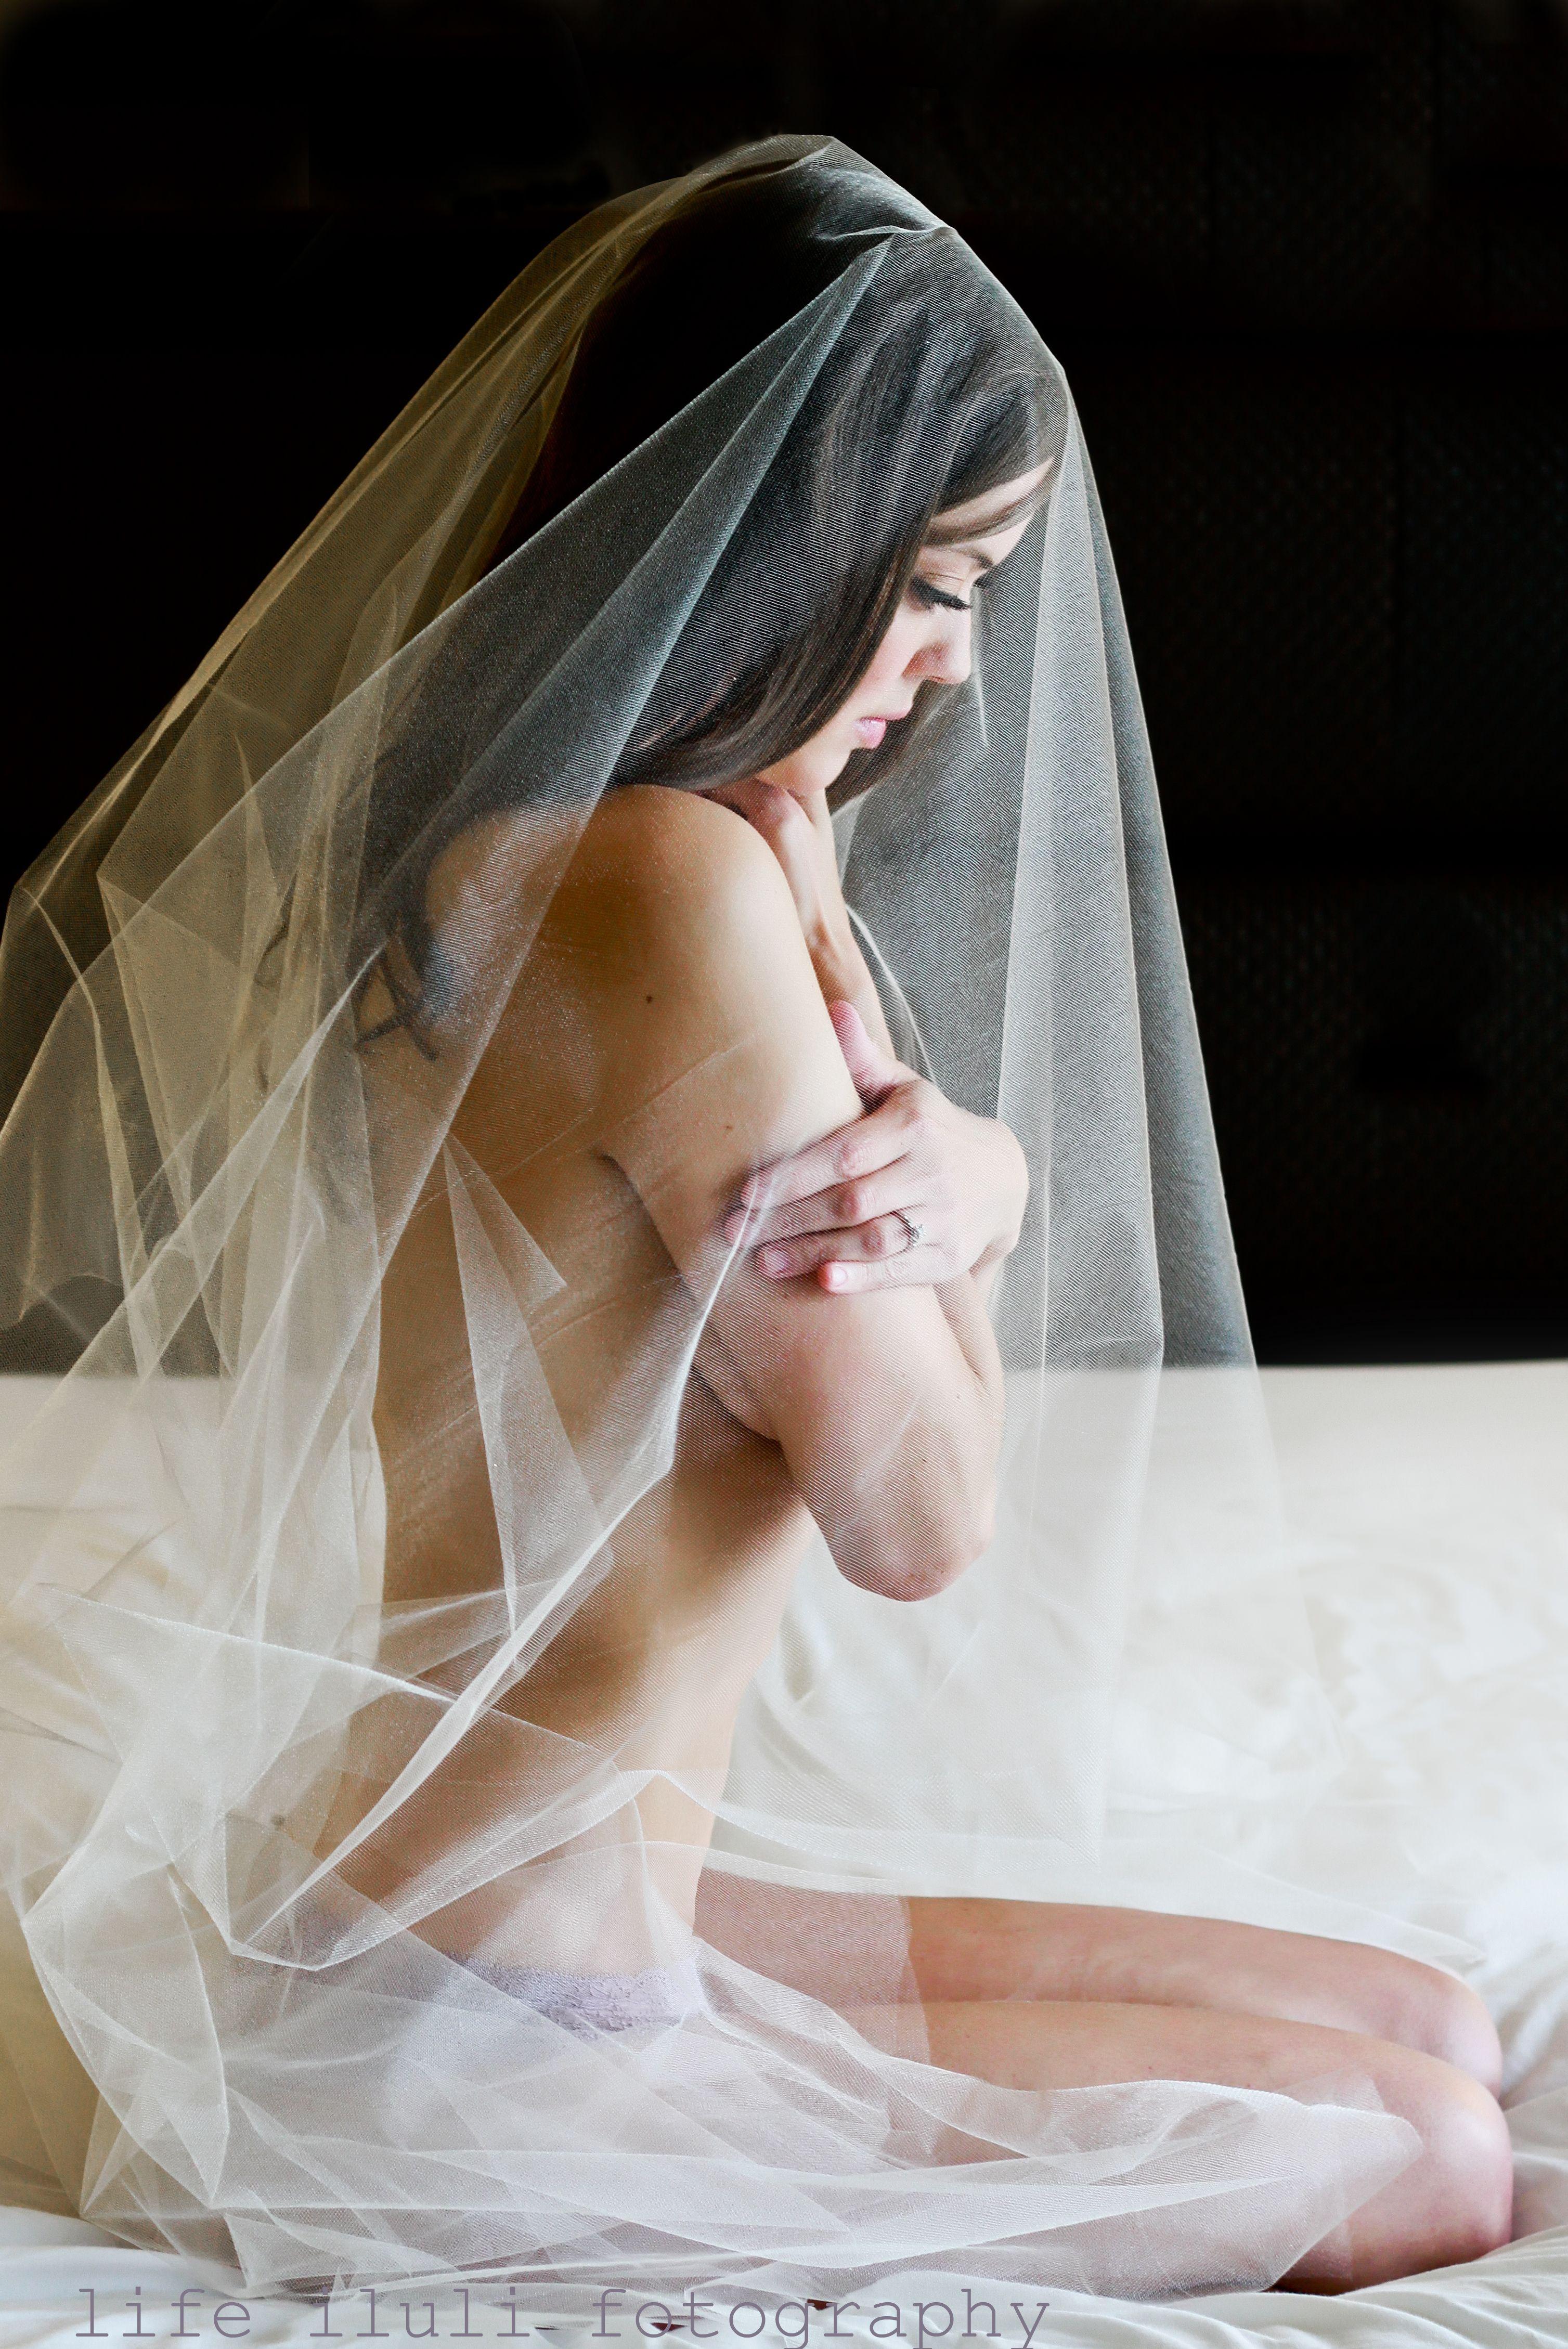 Фото брачной ночи 26 фотография